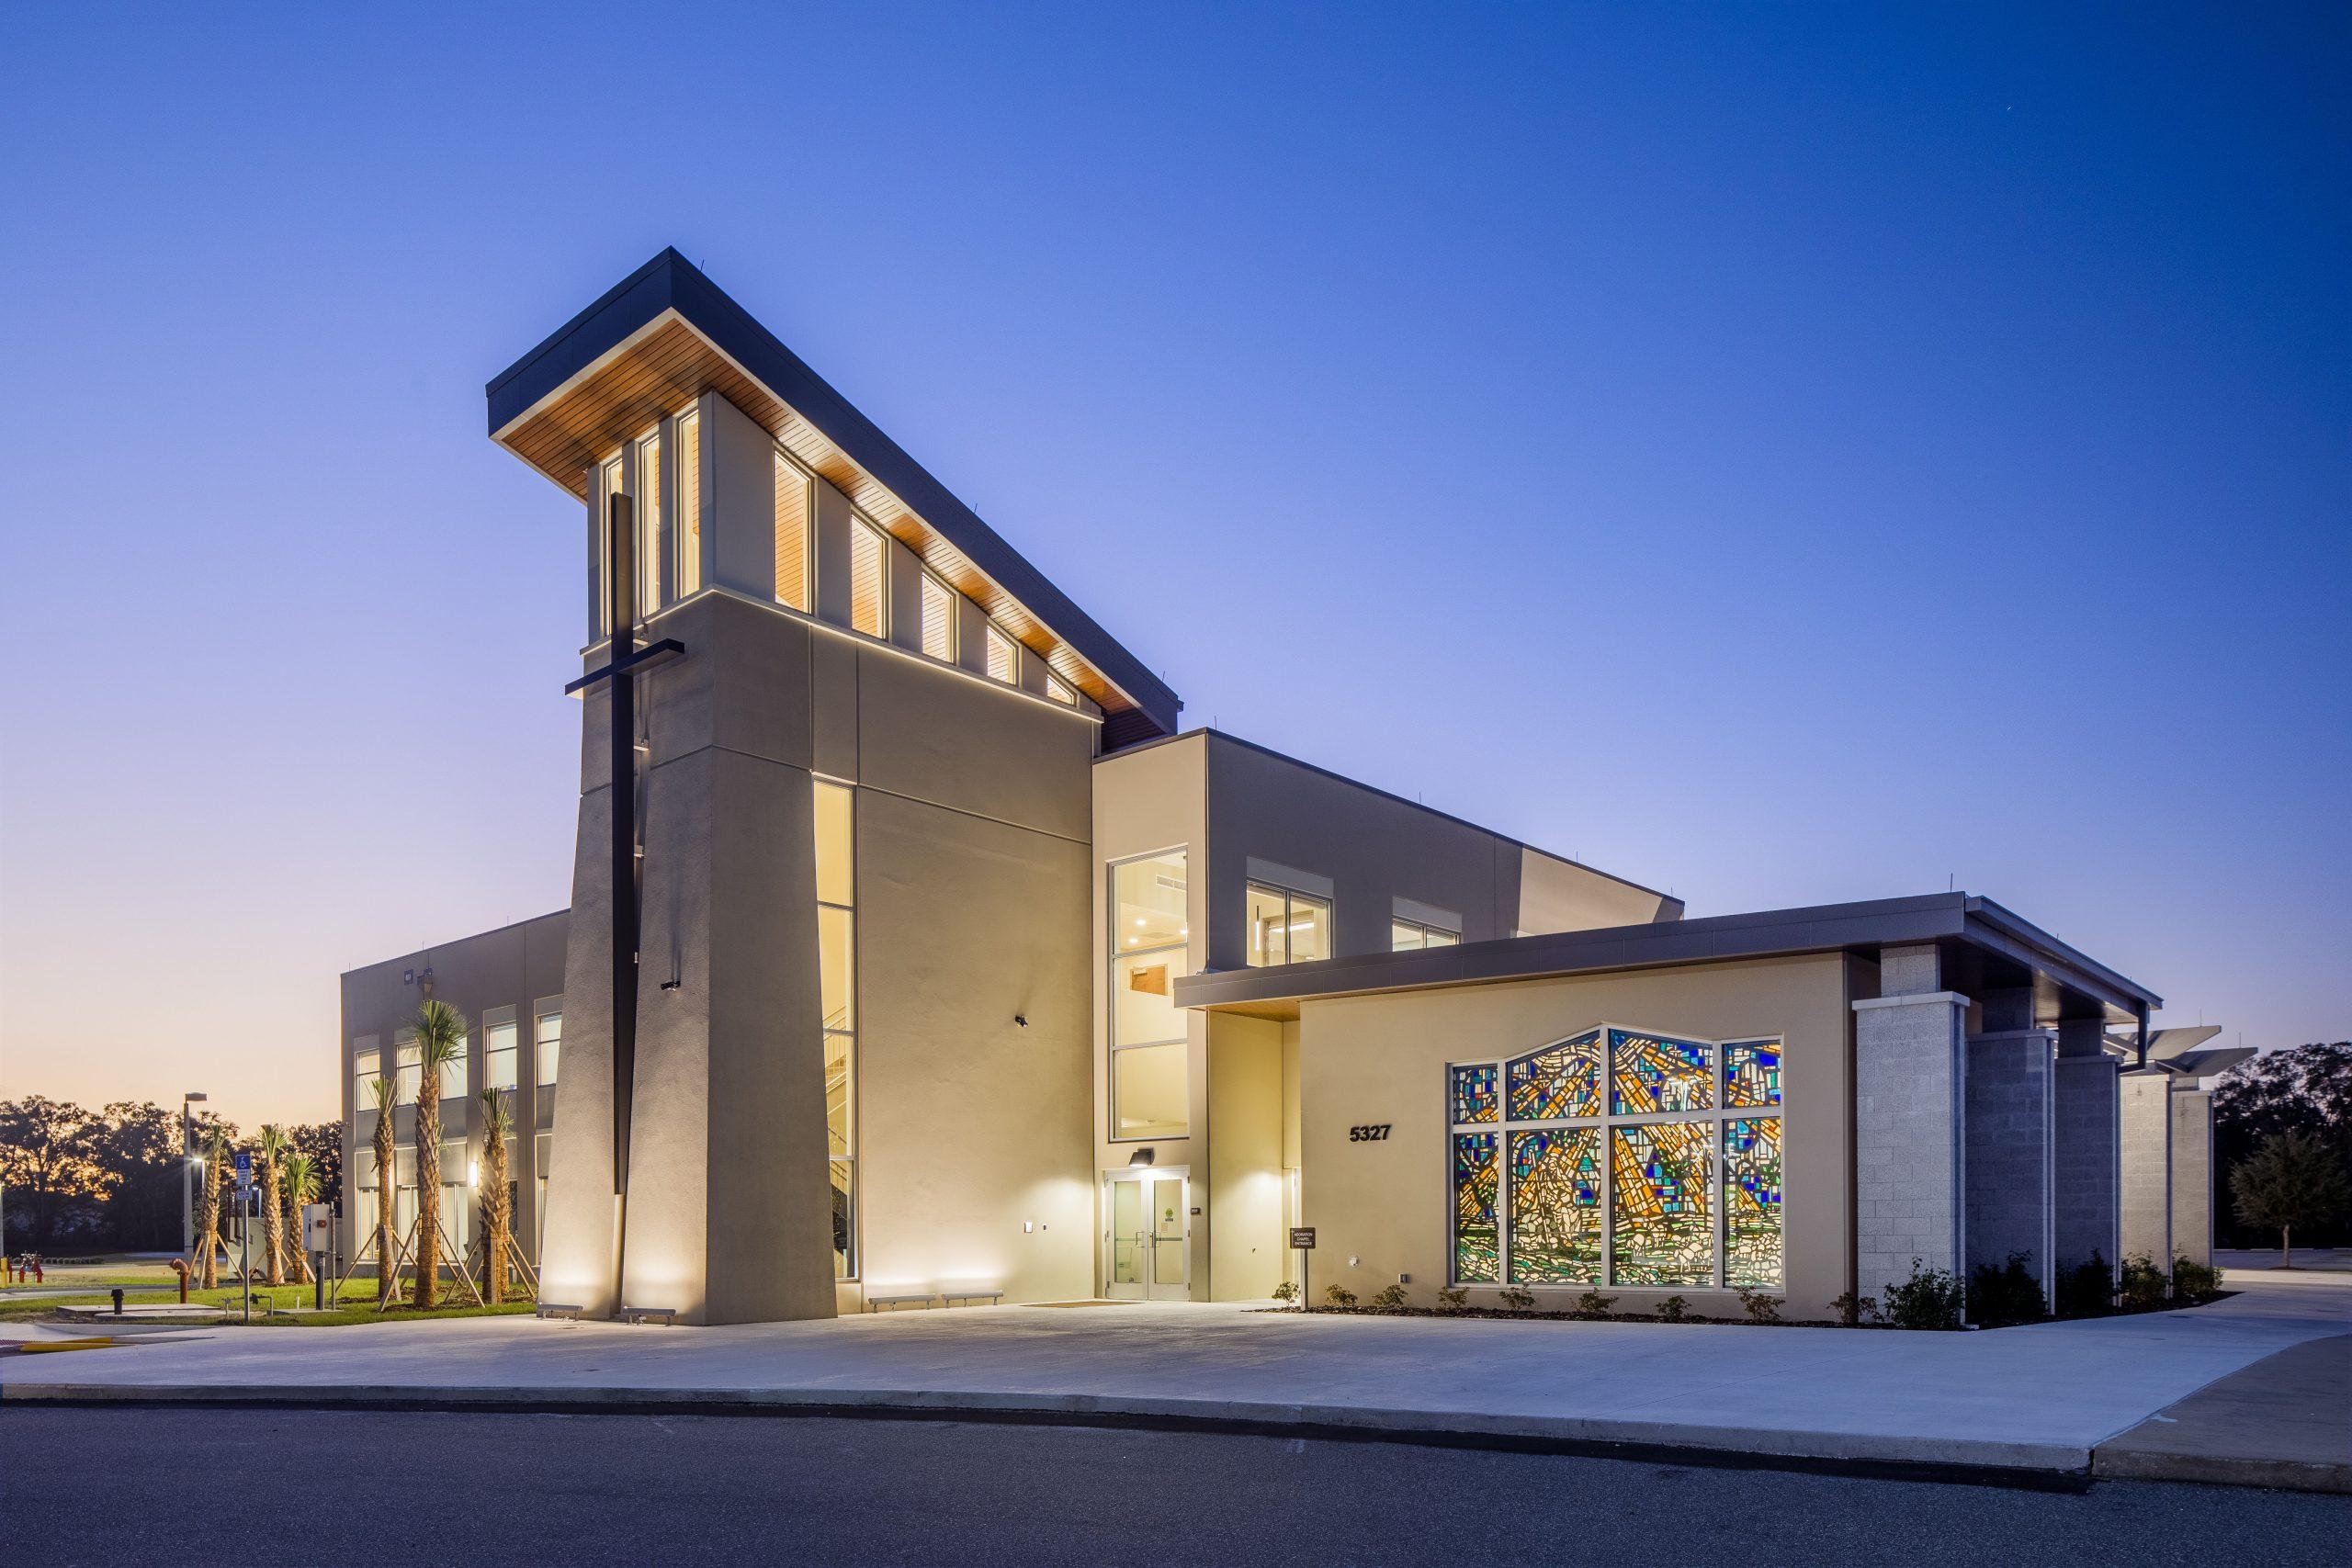 The Family Life Center Blessing 2021